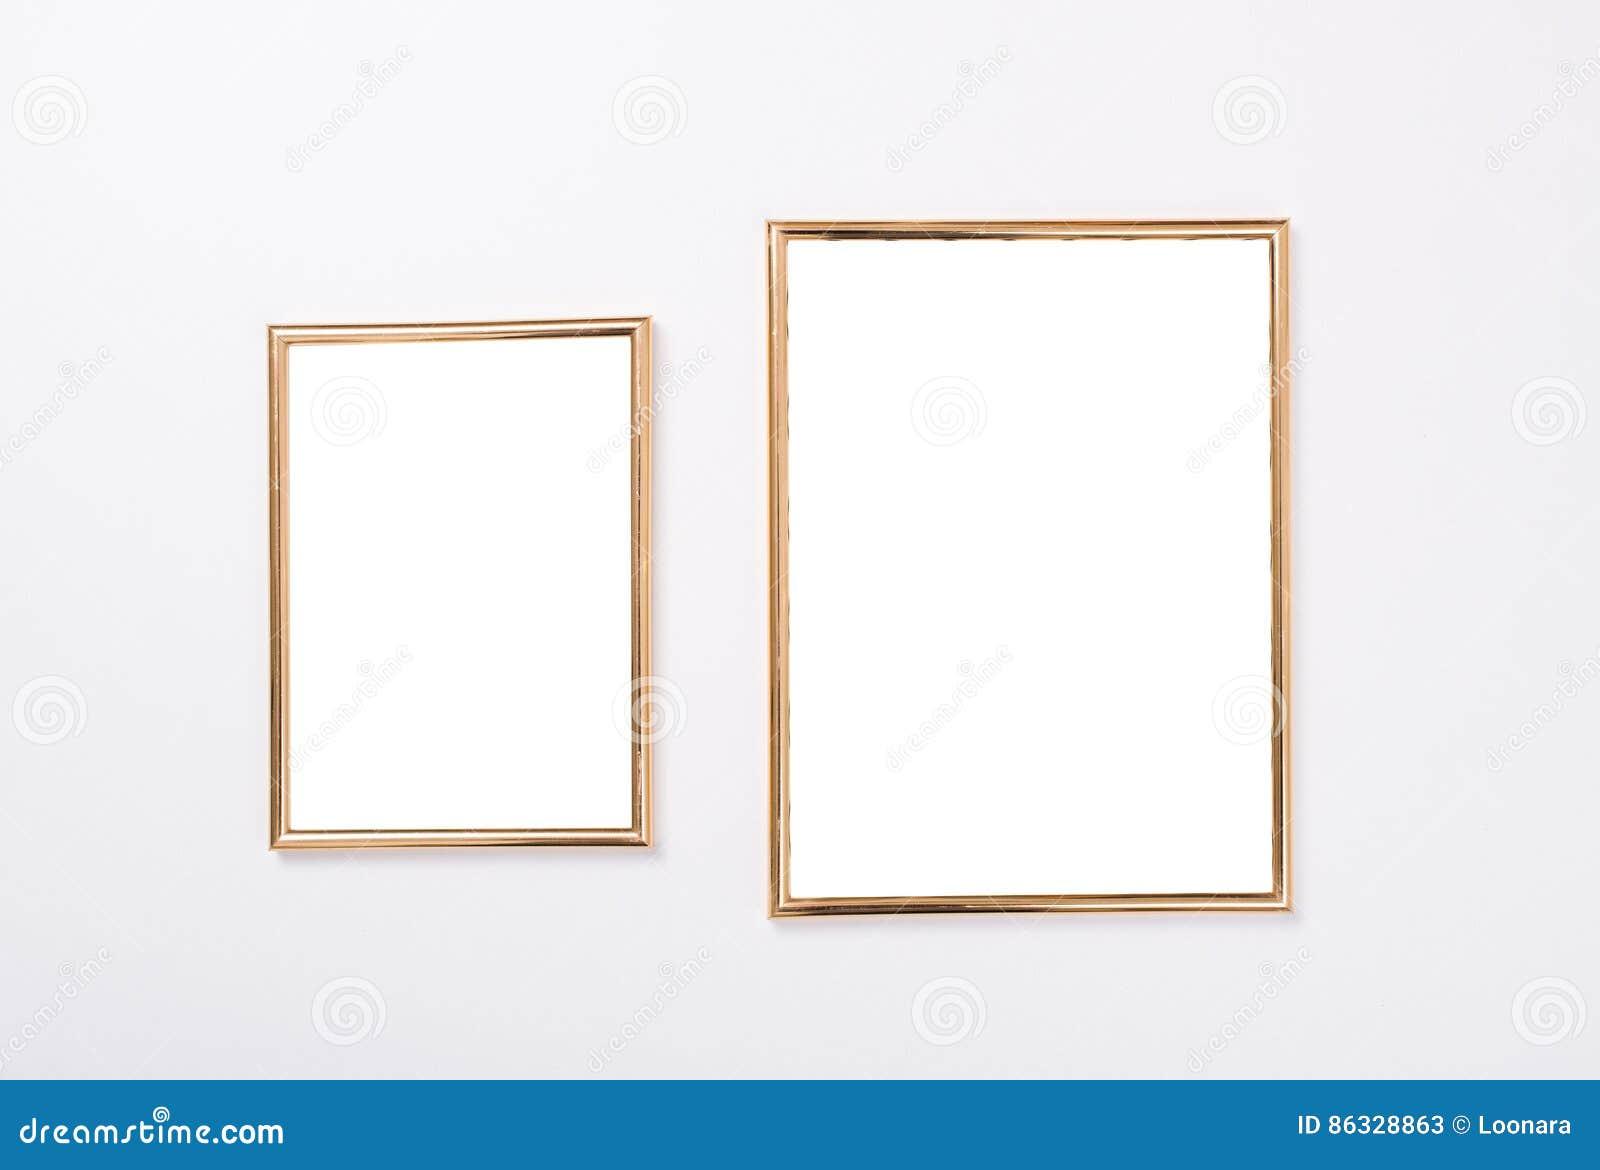 Modell Mit Zwei Goldenes Rahmen Stockbild - Bild von nahaufnahme ...